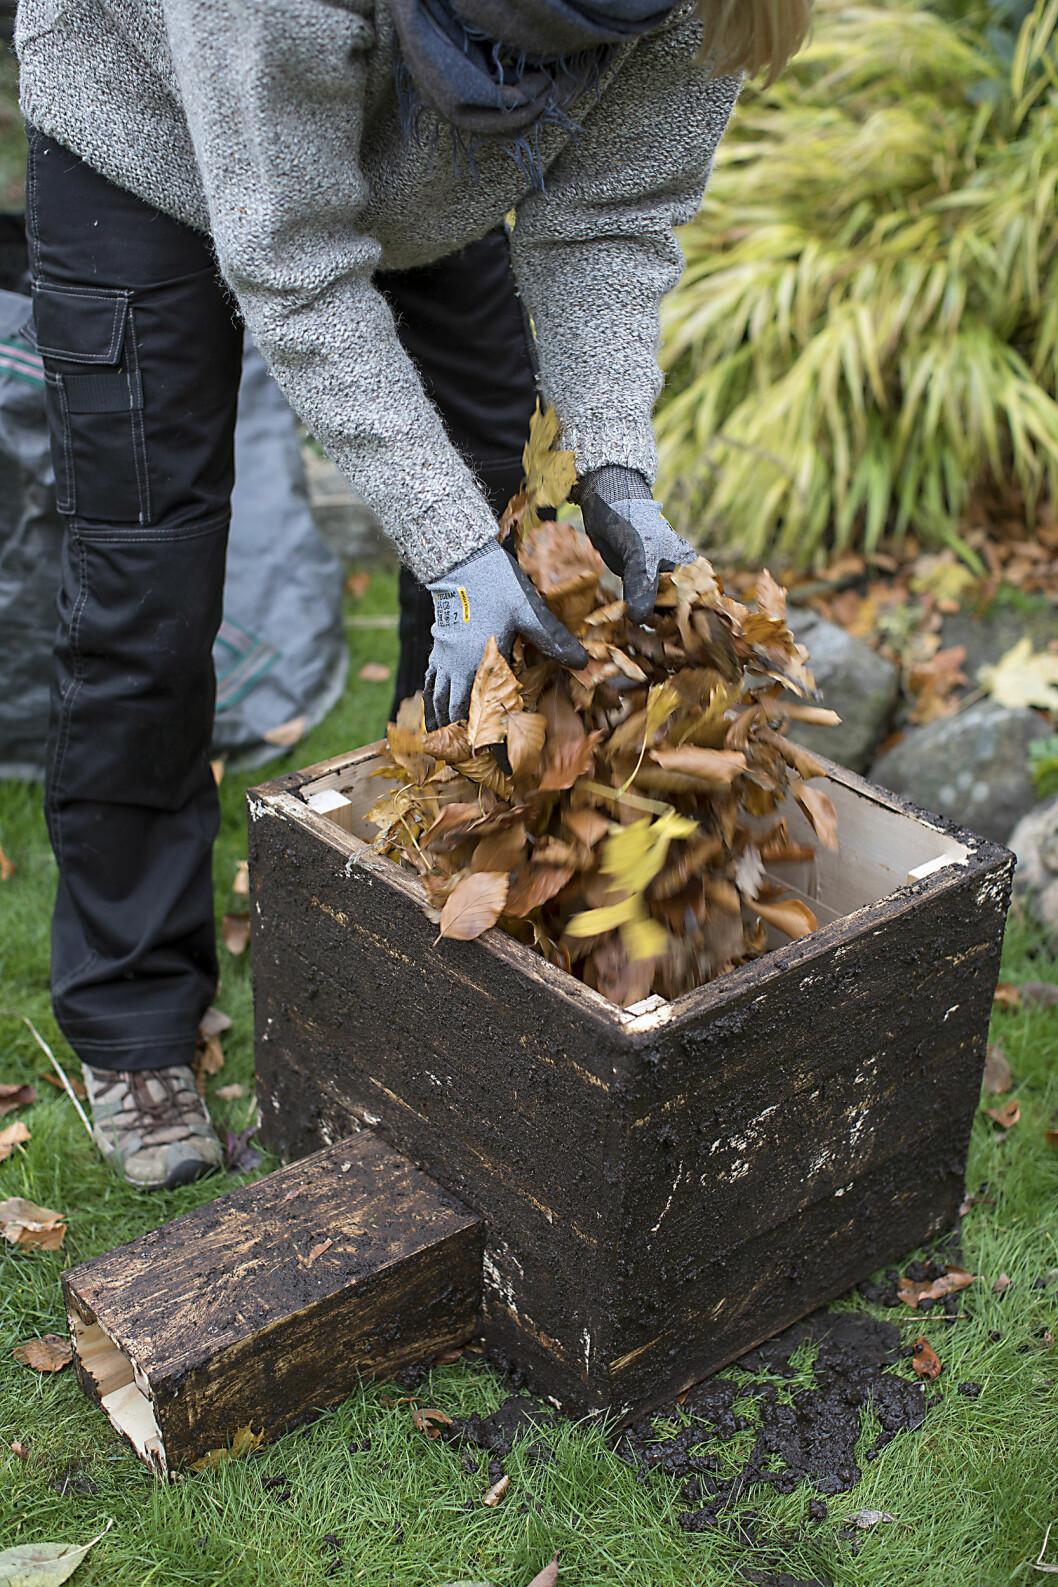 Fyll på med lite torra löv eller likande. Igelkottarna sköter själv slutfinishen.